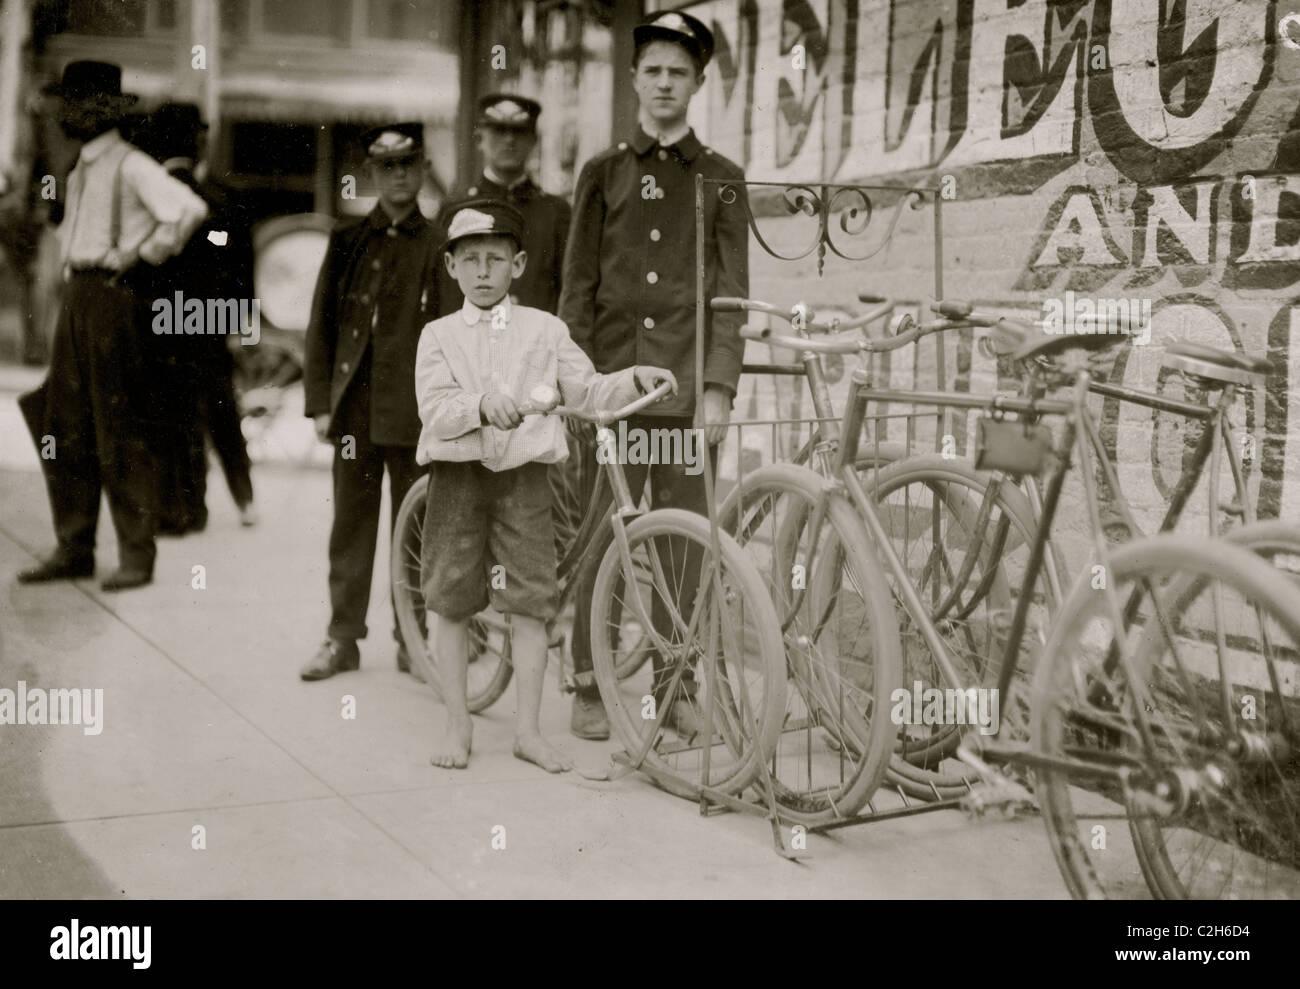 Danville Virginia Messengers. - Stock Image